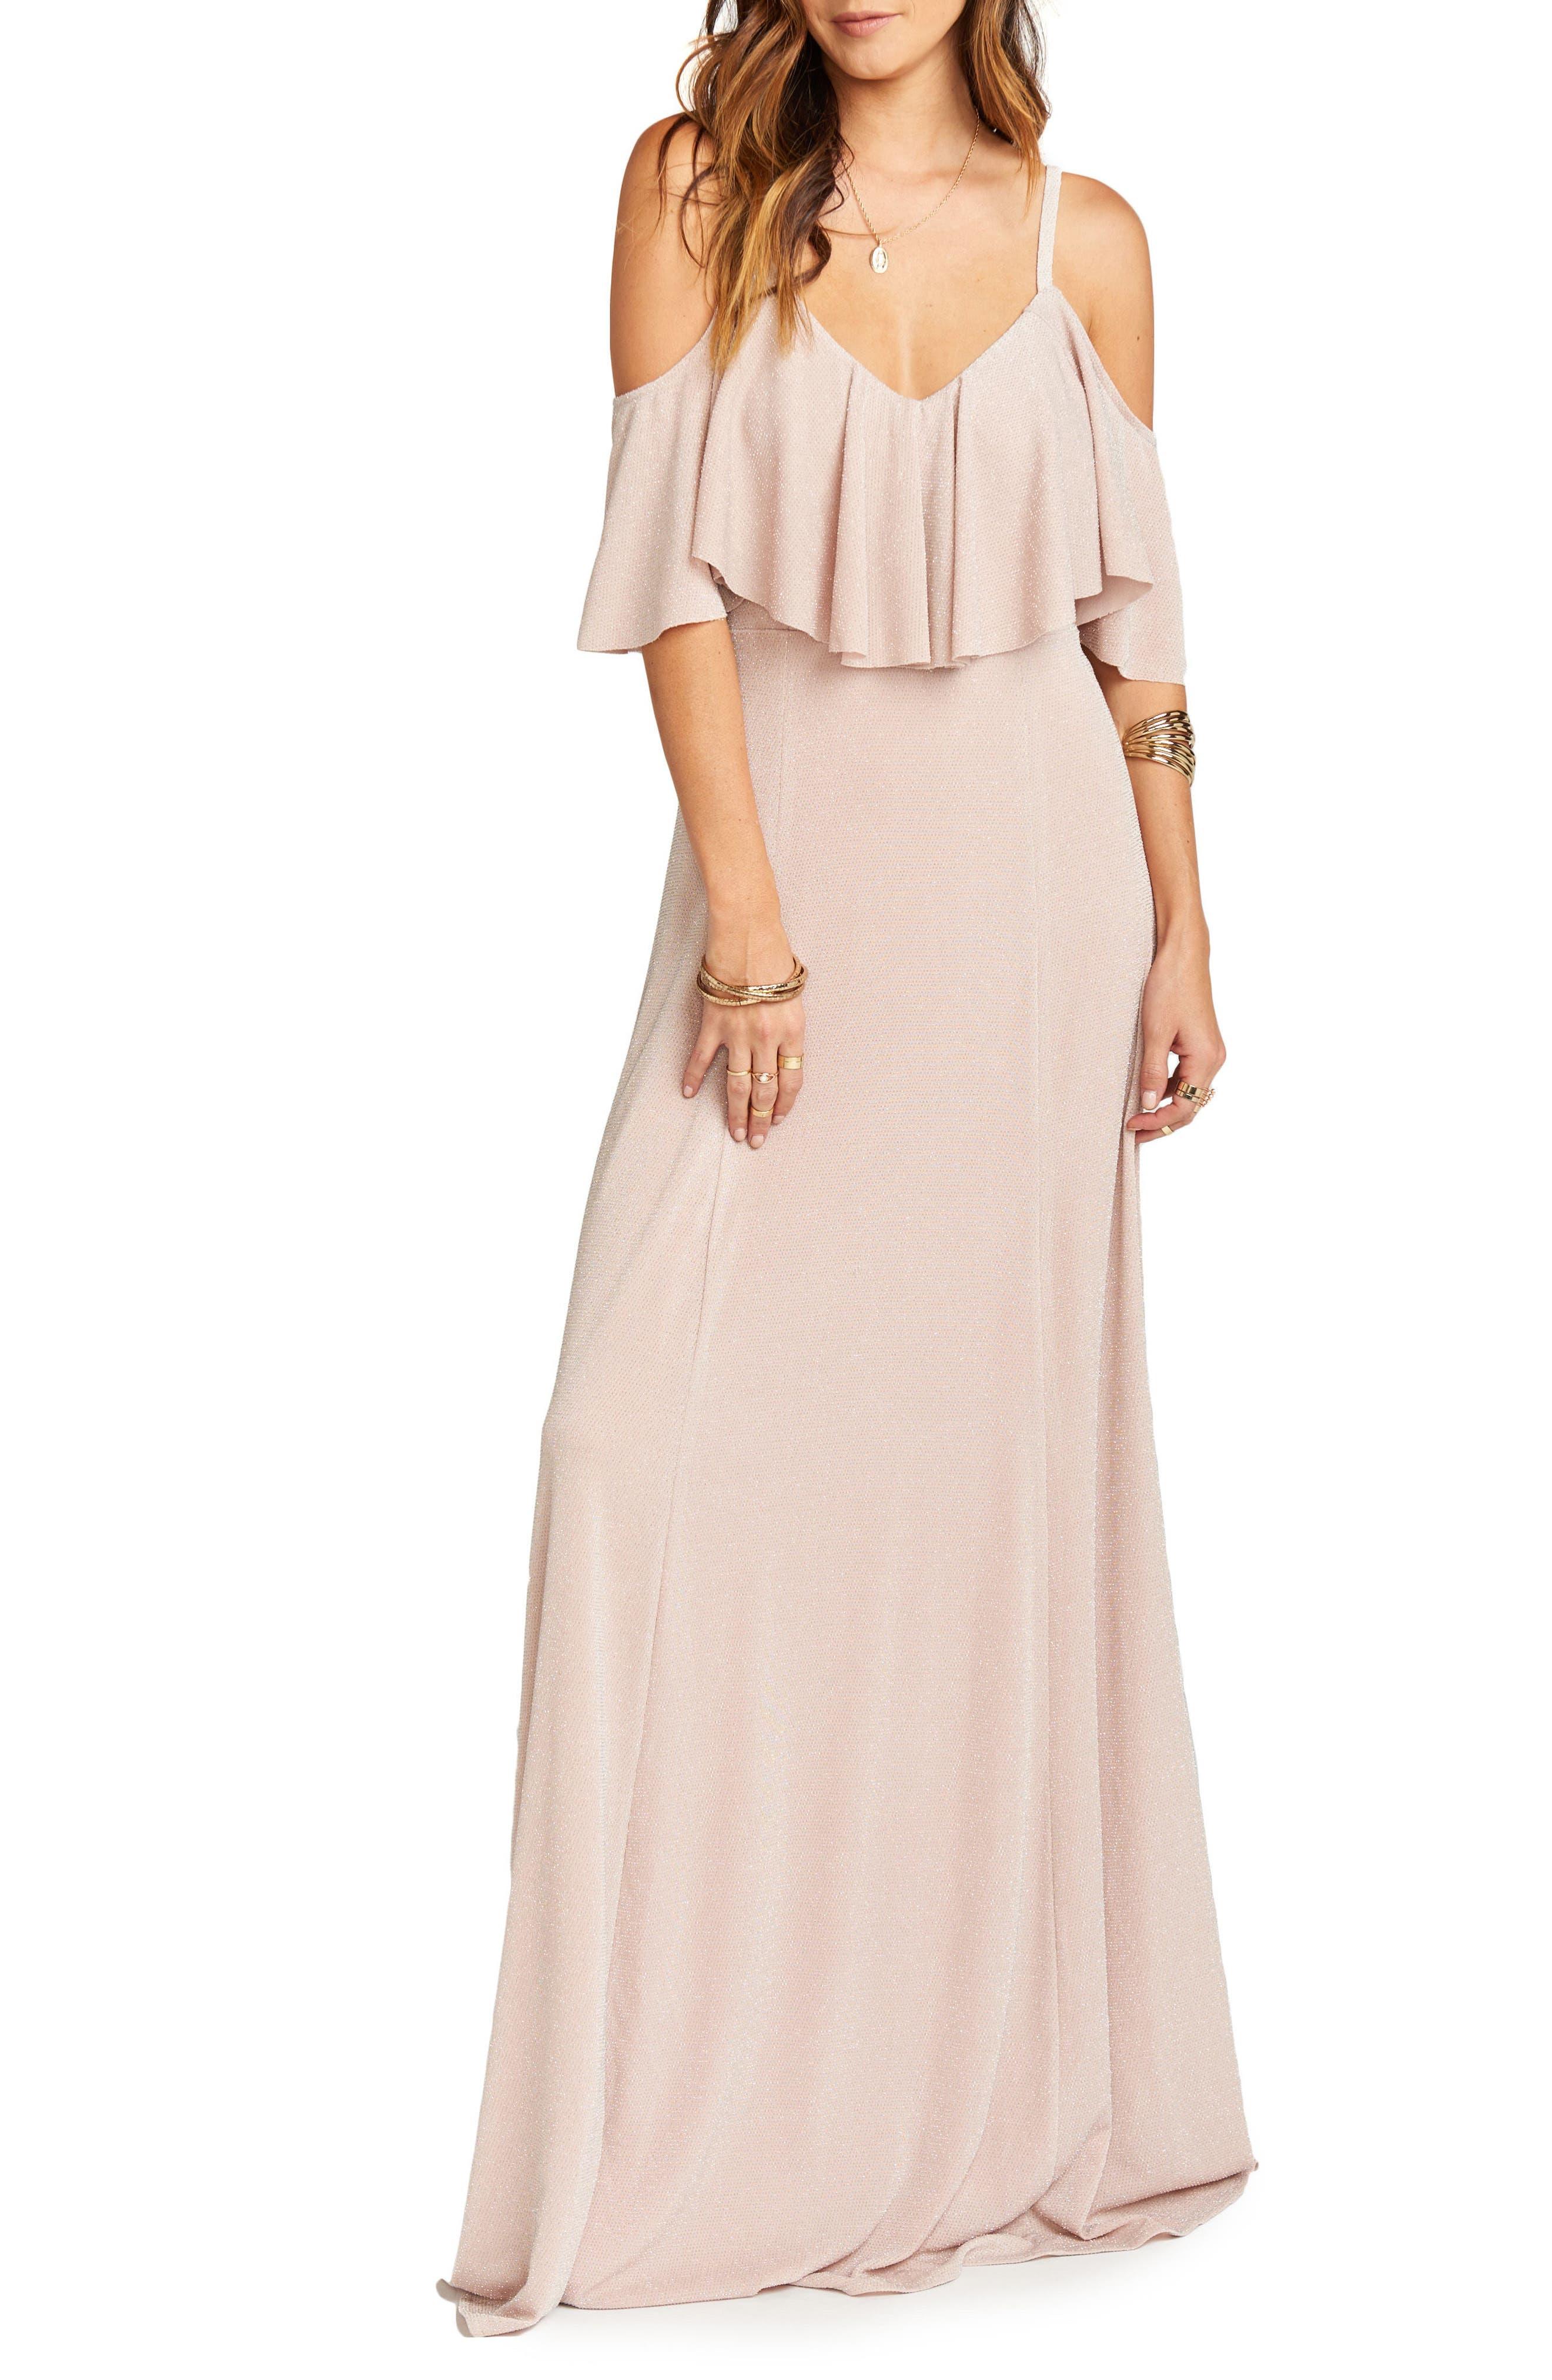 Renee Ruffle Gown,                         Main,                         color, Dancing Queen Shine Blush